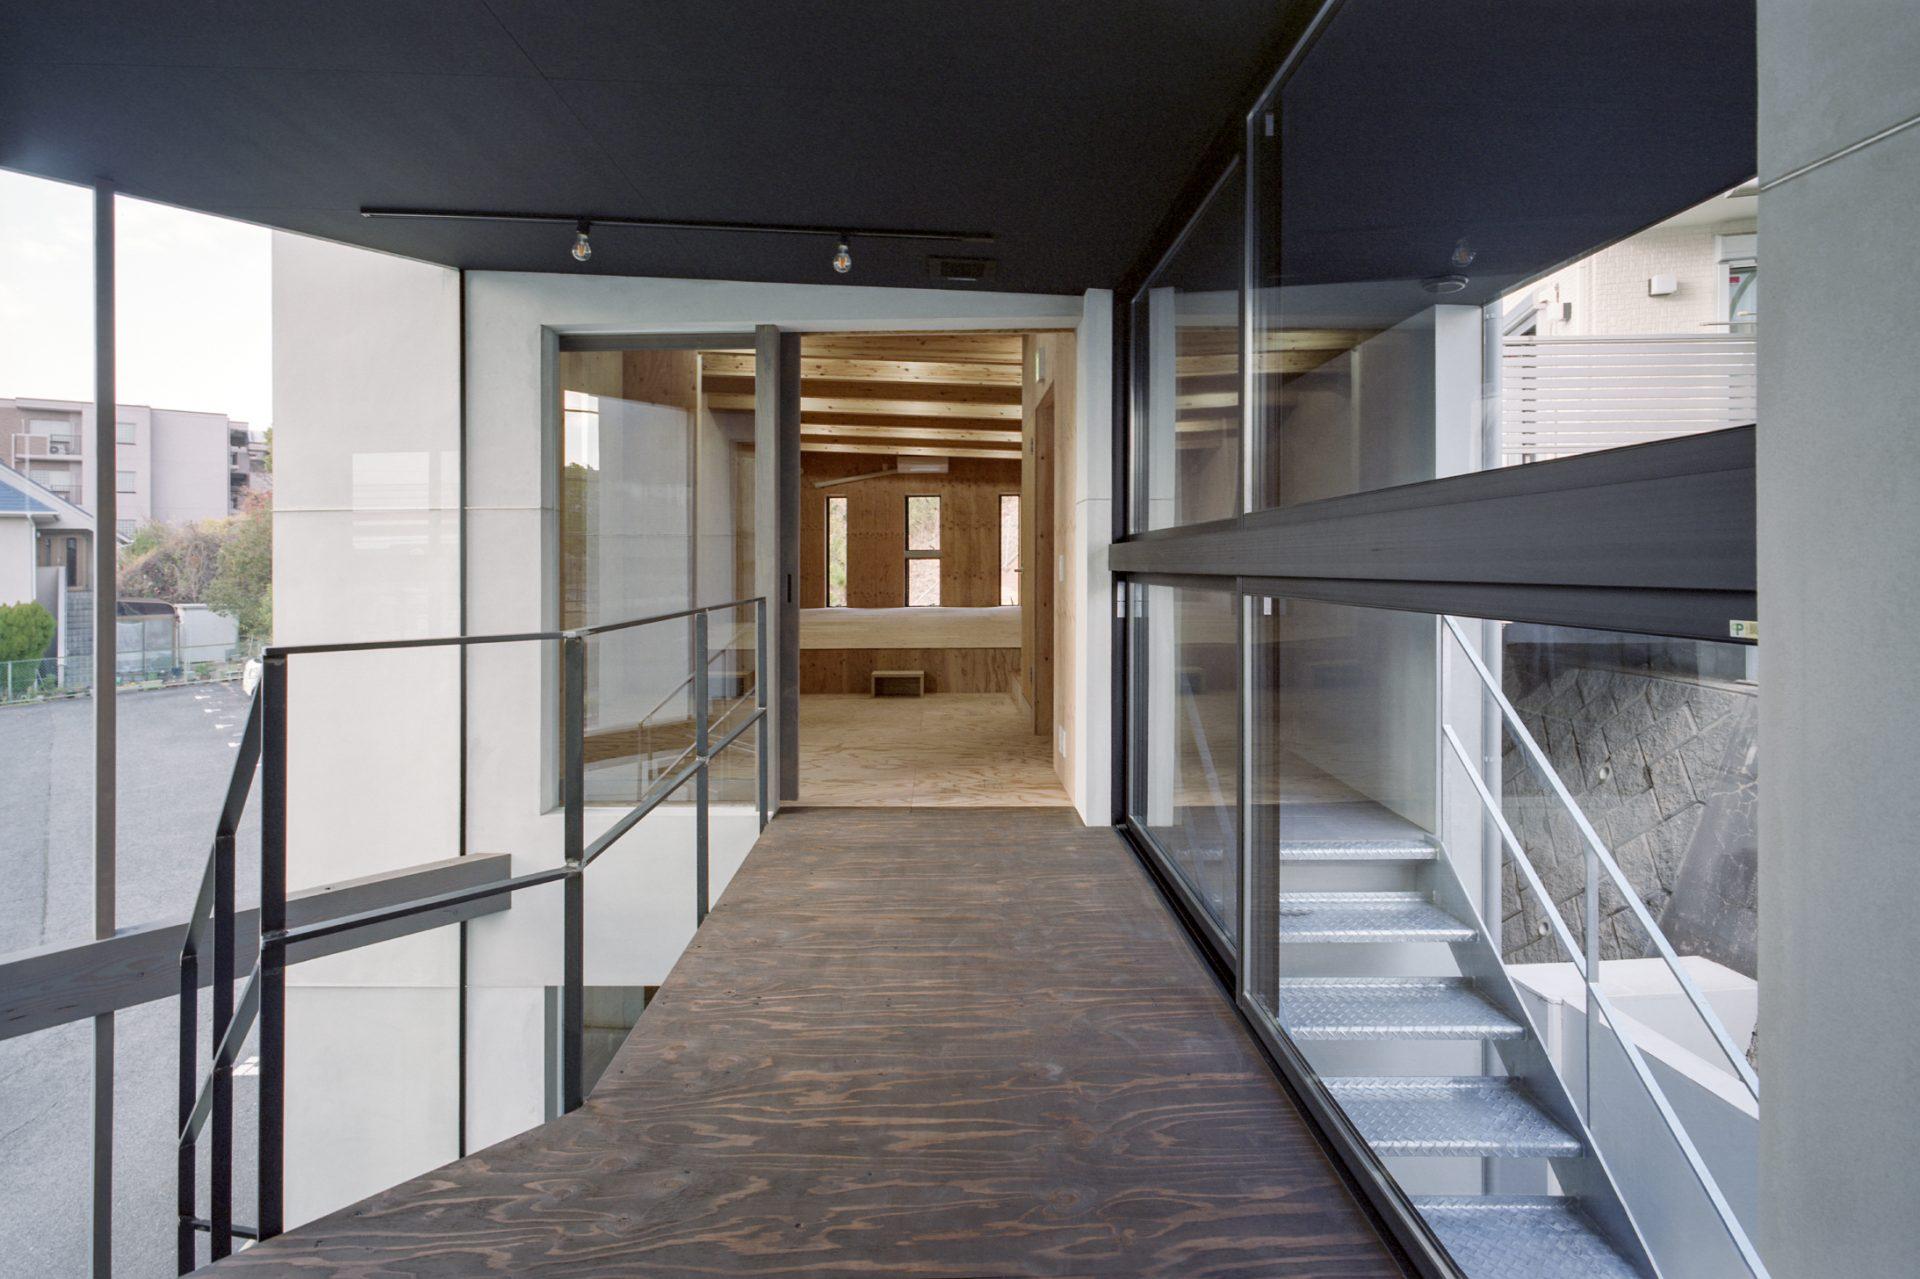 奈良学園前の家の渡り廊下02